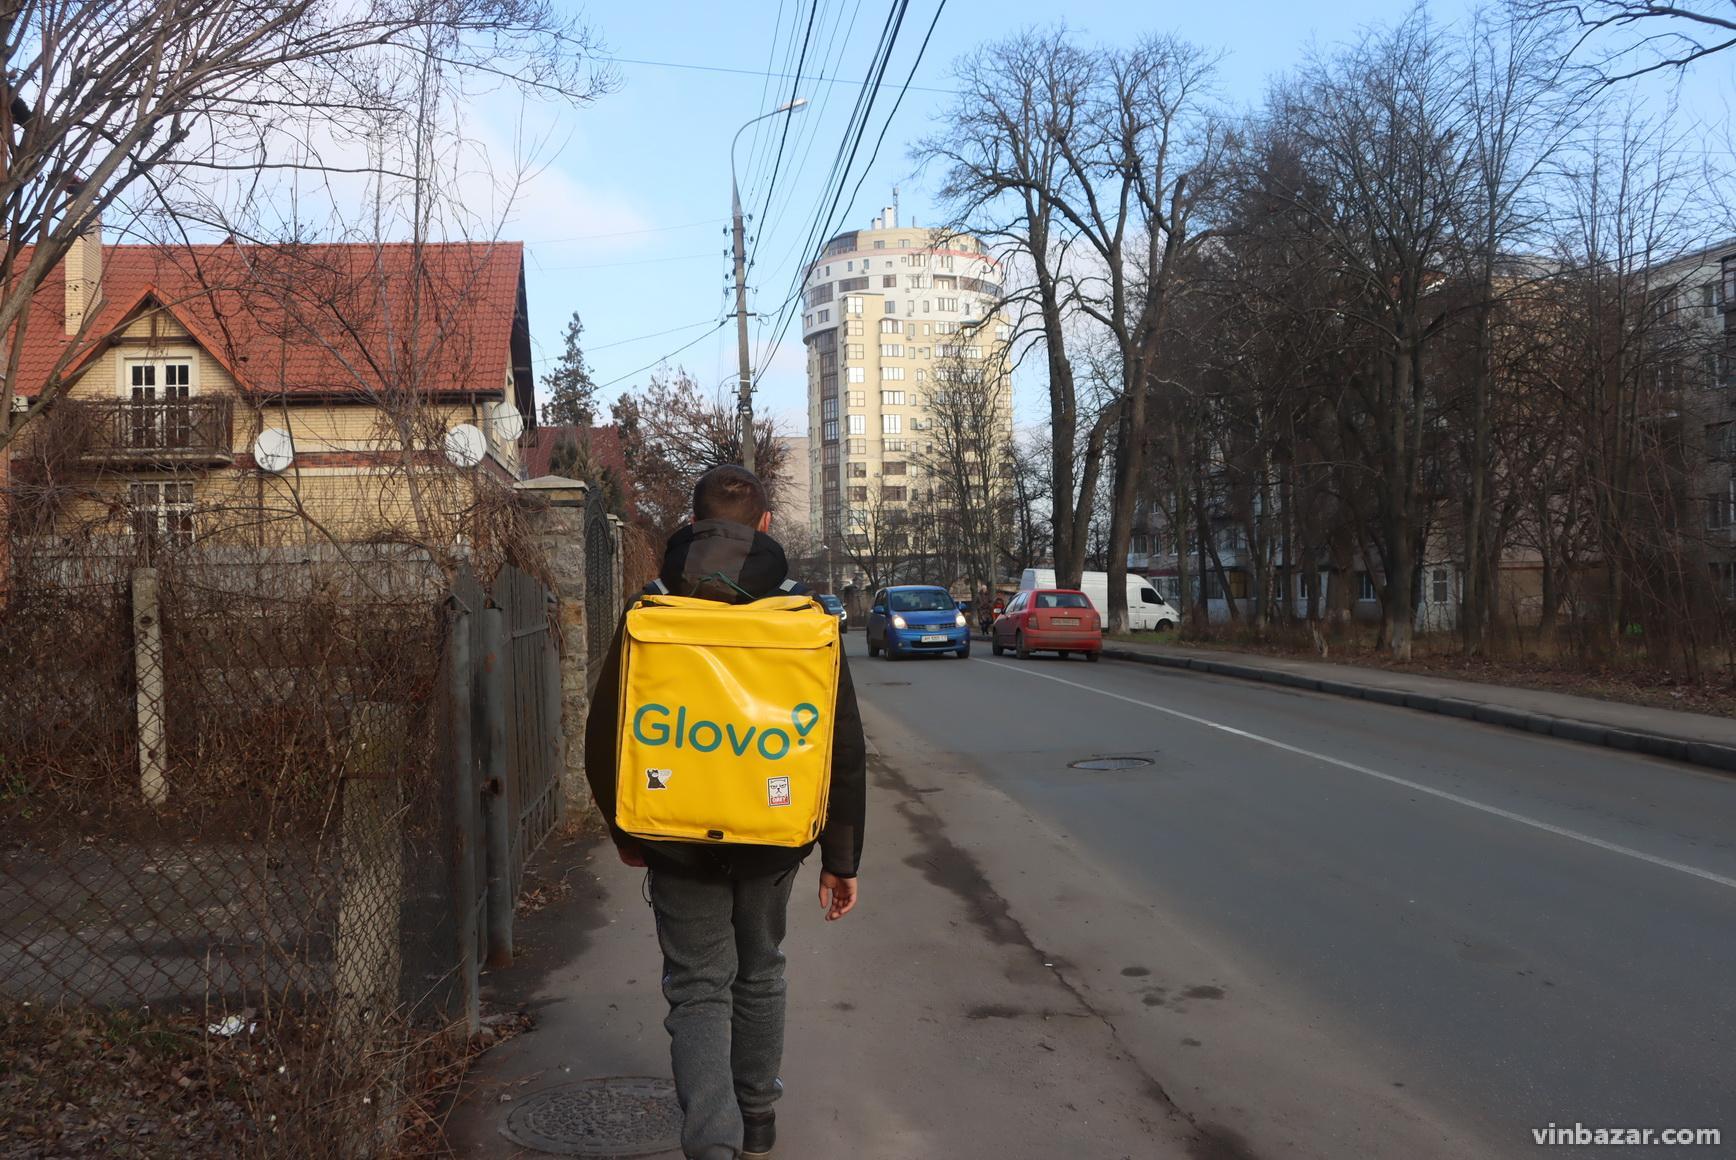 """Хто такі """"гловери"""", або чому Вінницю заполонили люди з жовтими рюкзаками (Фото)"""